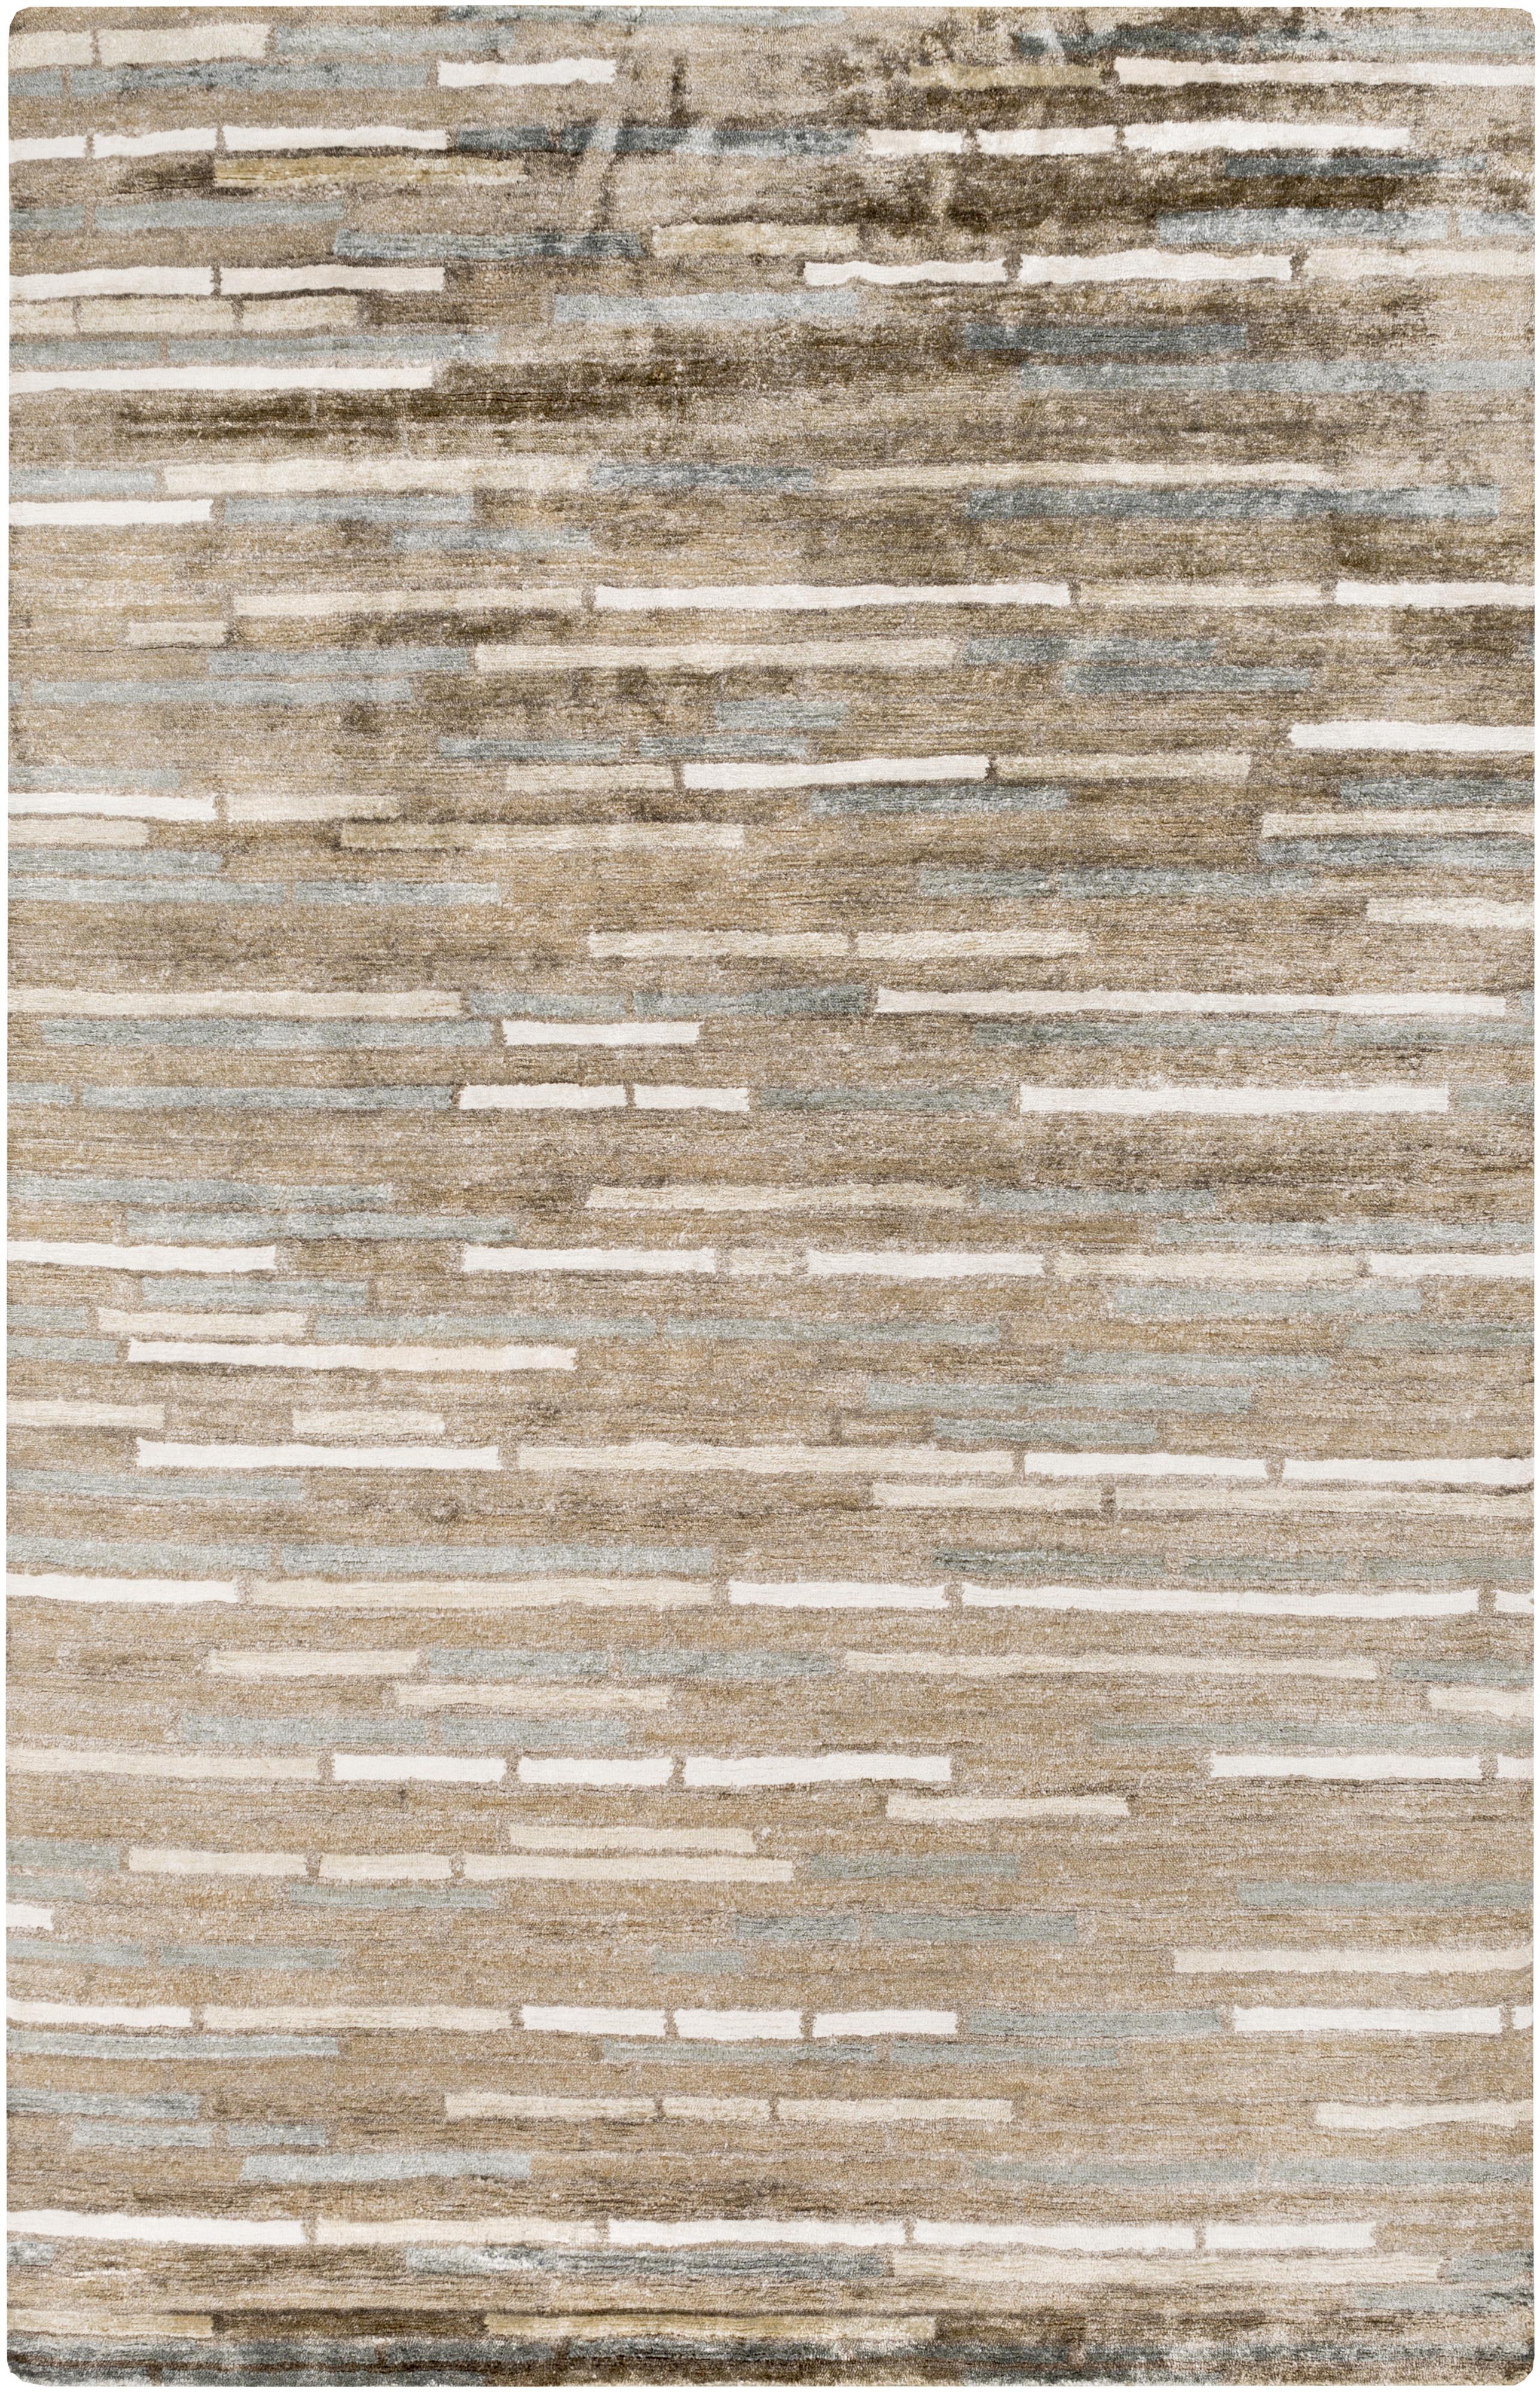 Surya Rugs Platinum 5' x 8' - Item Number: PLAT9008-58